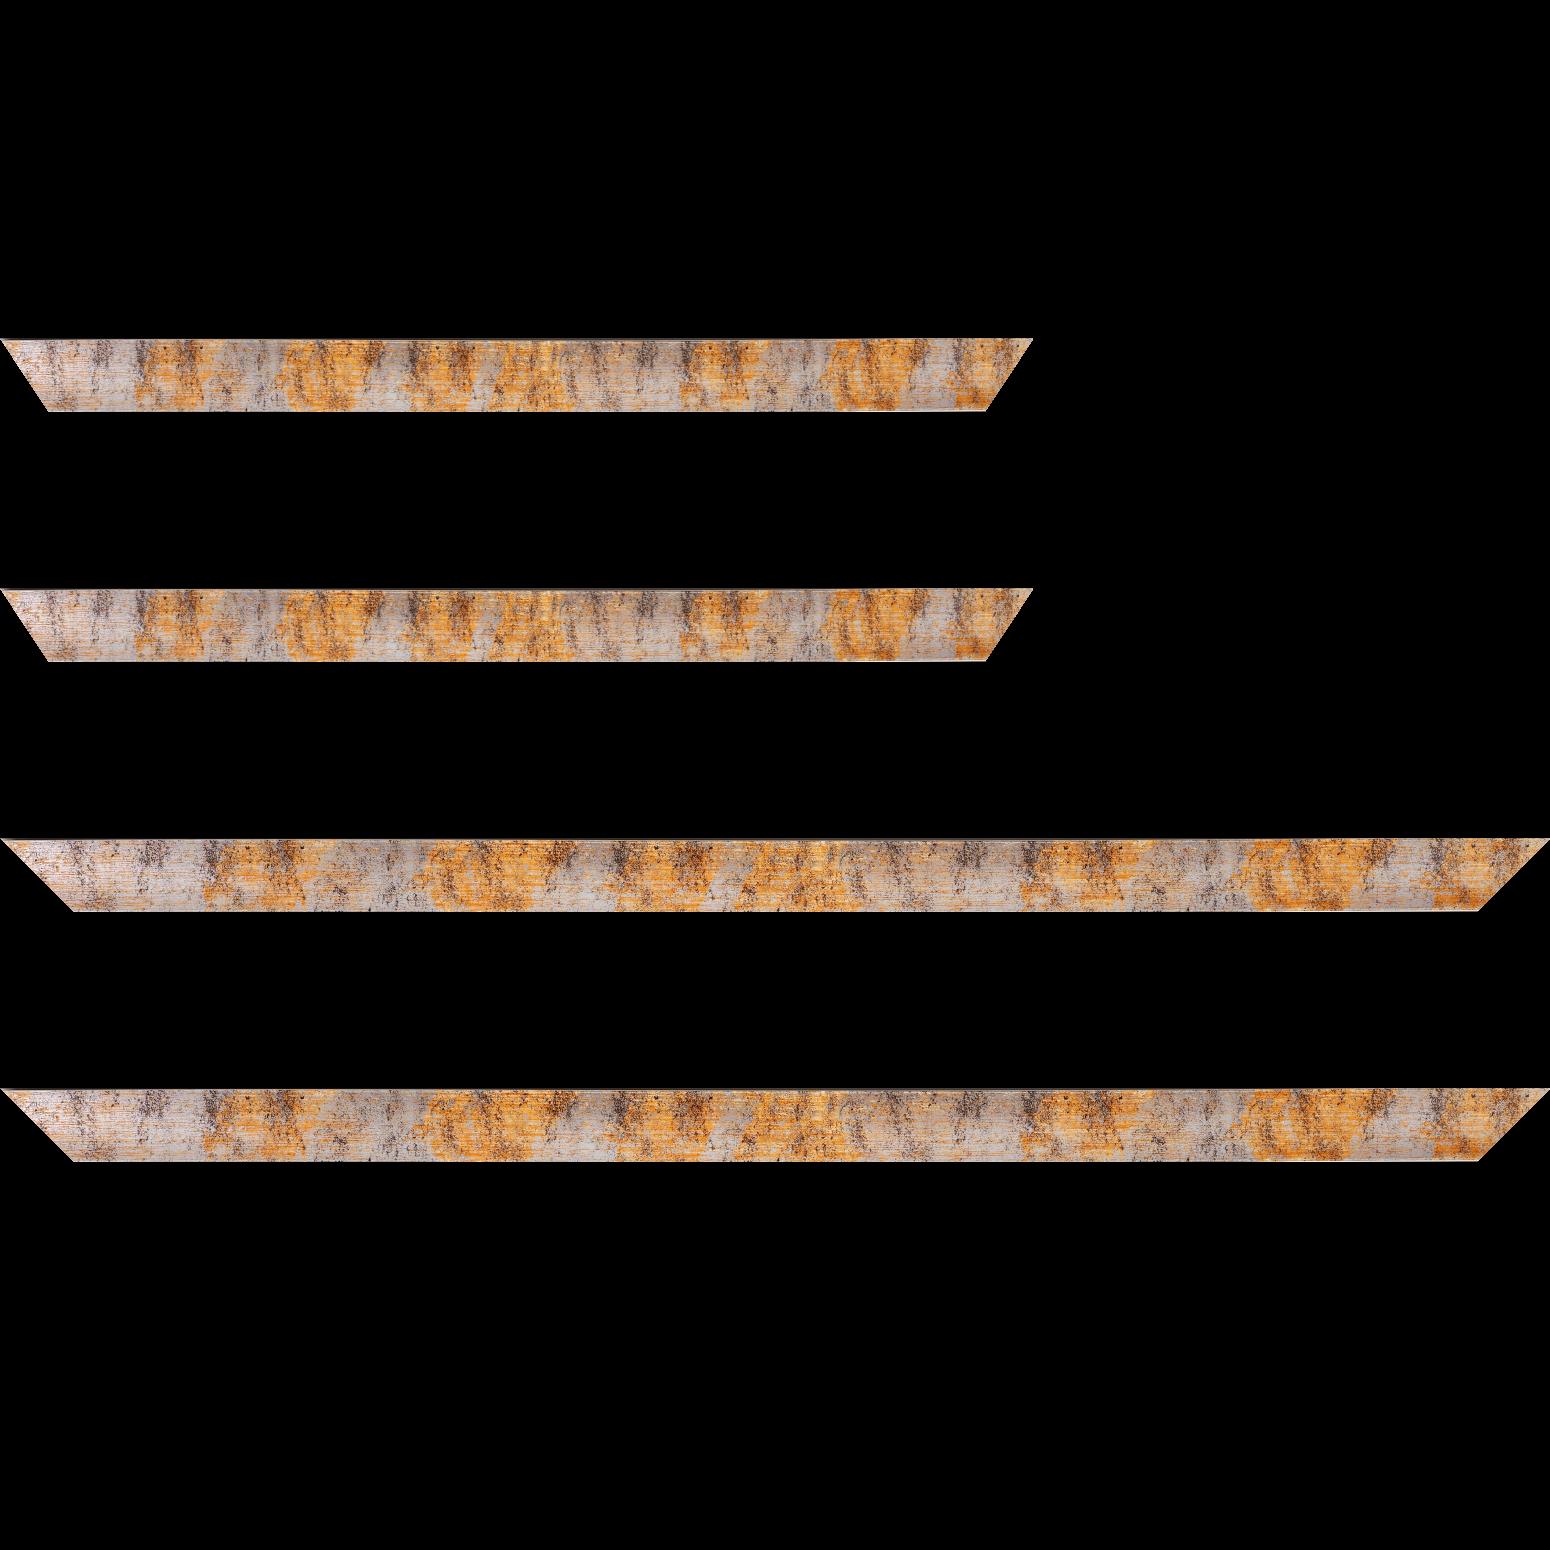 Baguette service précoupé Bois profil concave largeur 2.4cm de couleur orange moucheté fond argent